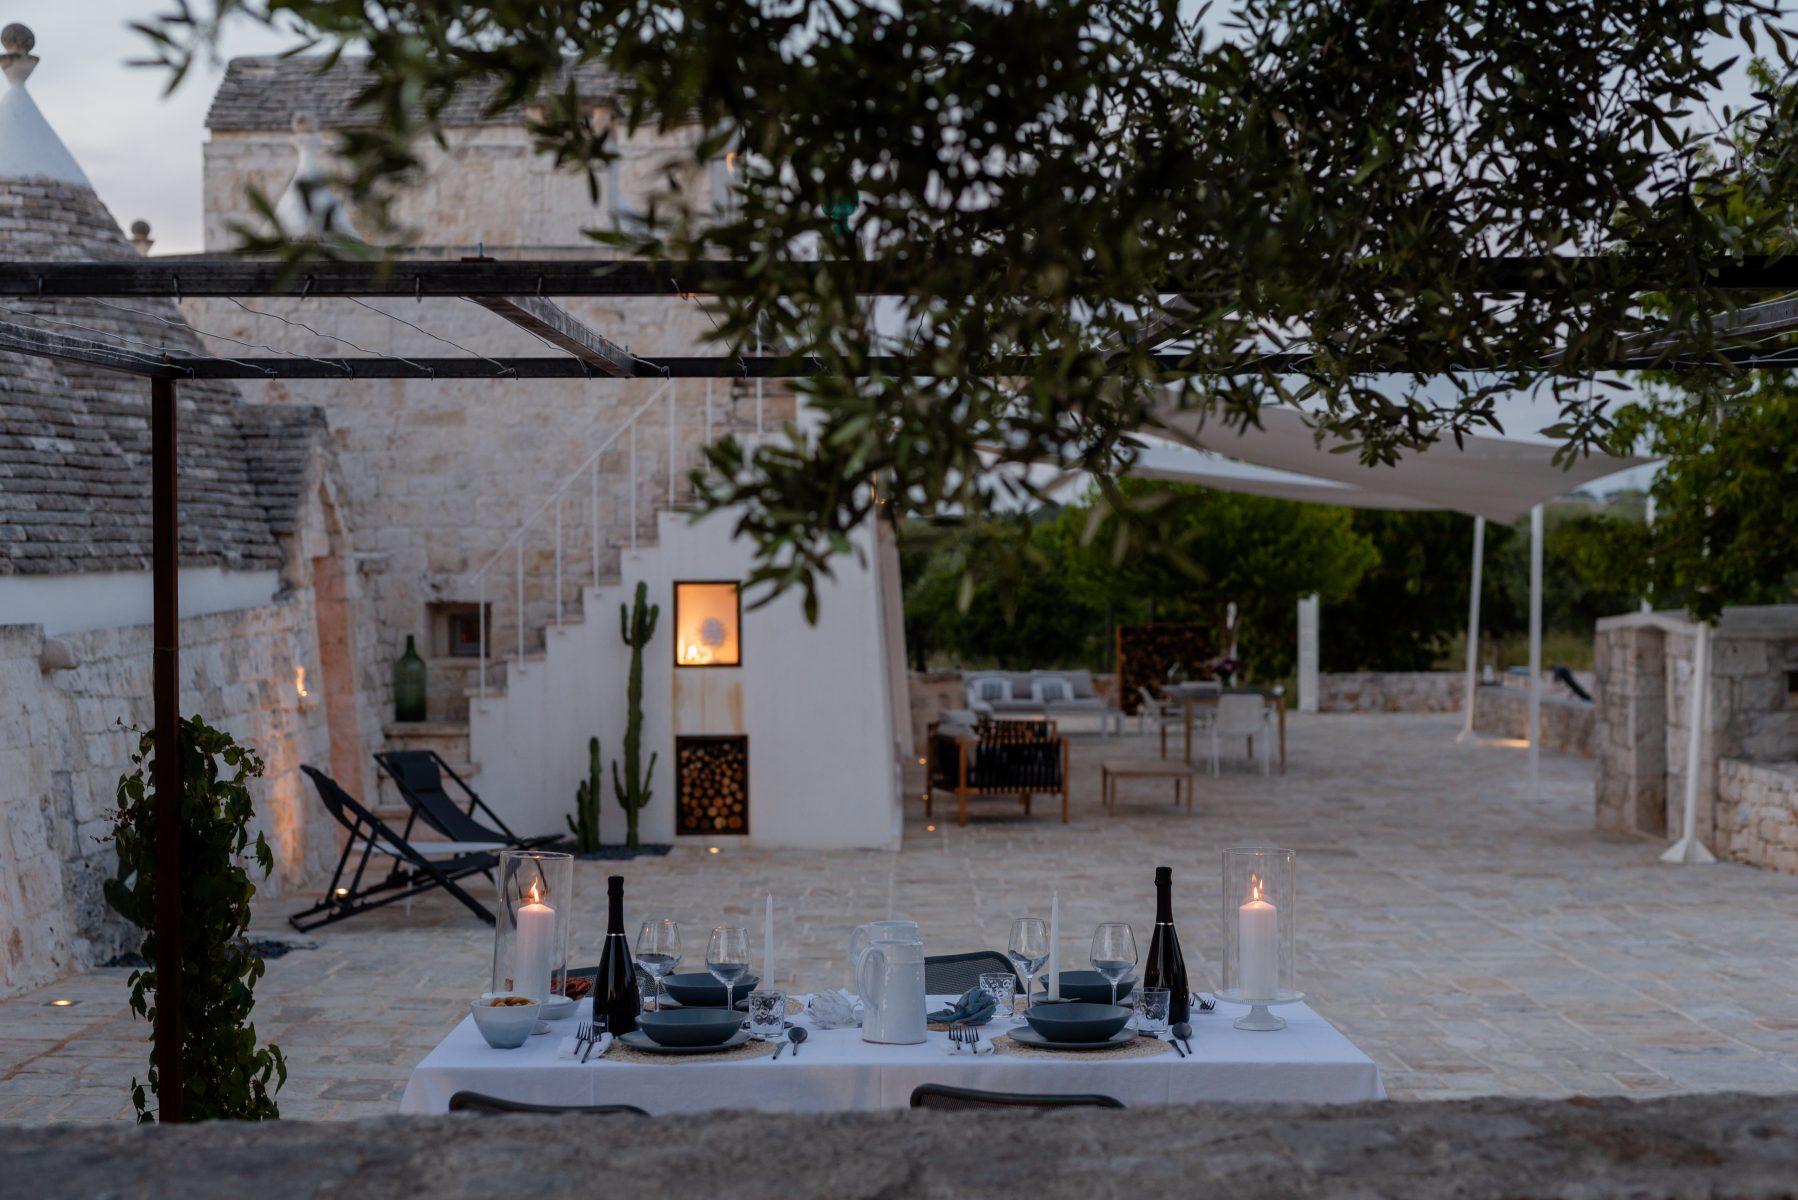 image 15 - outdoor - Dimora dei Gelsi Alberobello Puglia